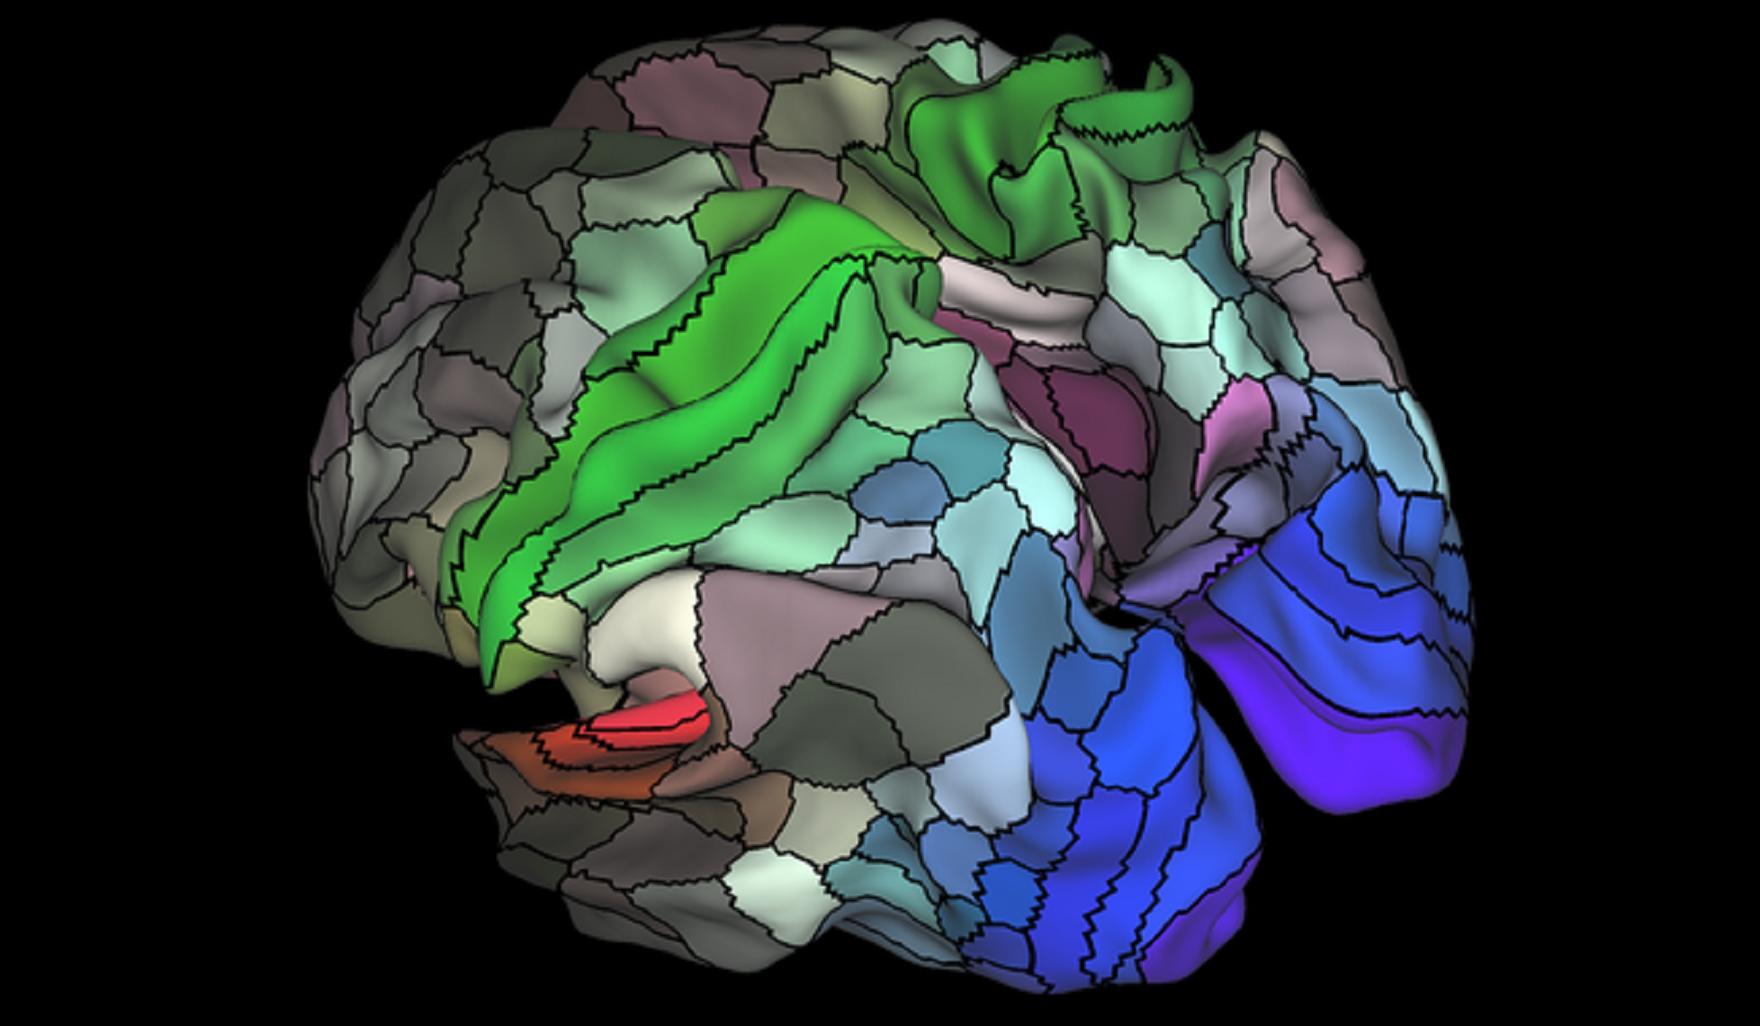 La imagen muestra una parcelación de 180 áreas en el córtex  humano en las superficies del hemisferio derecho e izquierdo. Imagen: Matthew F. Glasser, David C. Van Essen. Fuente: Sinc.